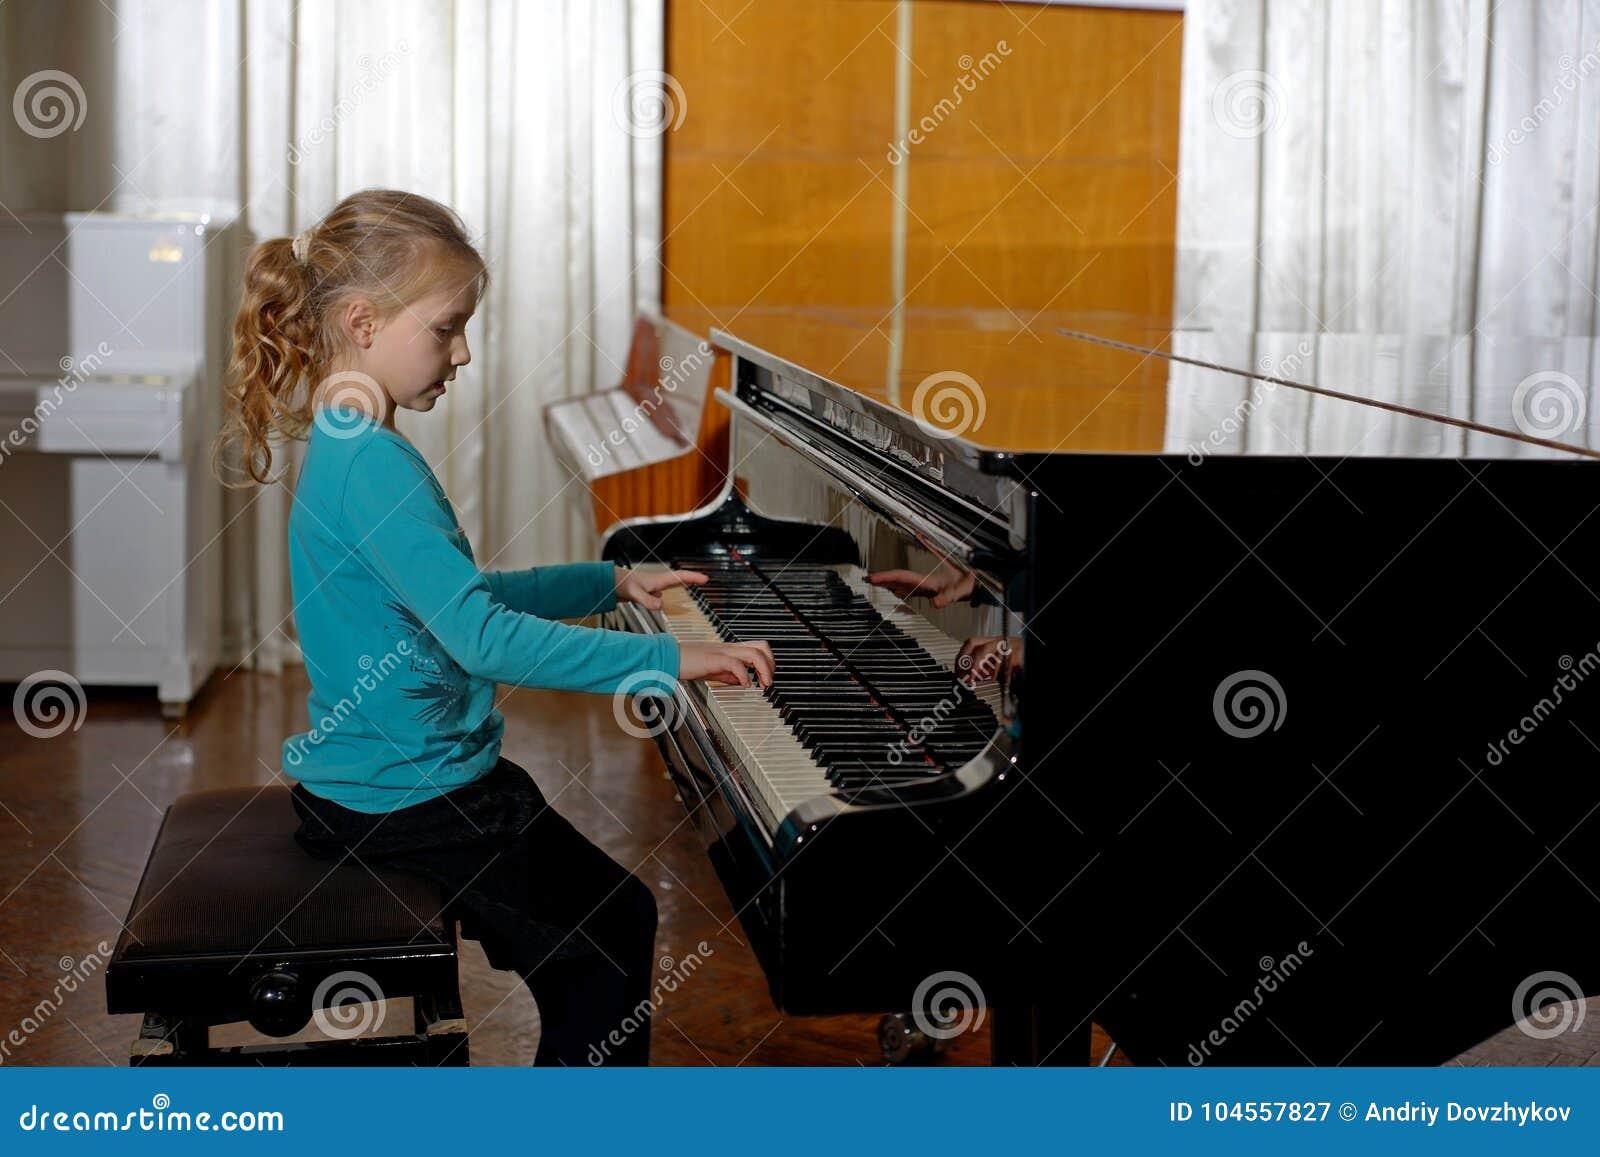 Το κορίτσι παίζει το πιάνο, κλείνει επάνω, άσπρο και μαύρο πληκτρολόγιο